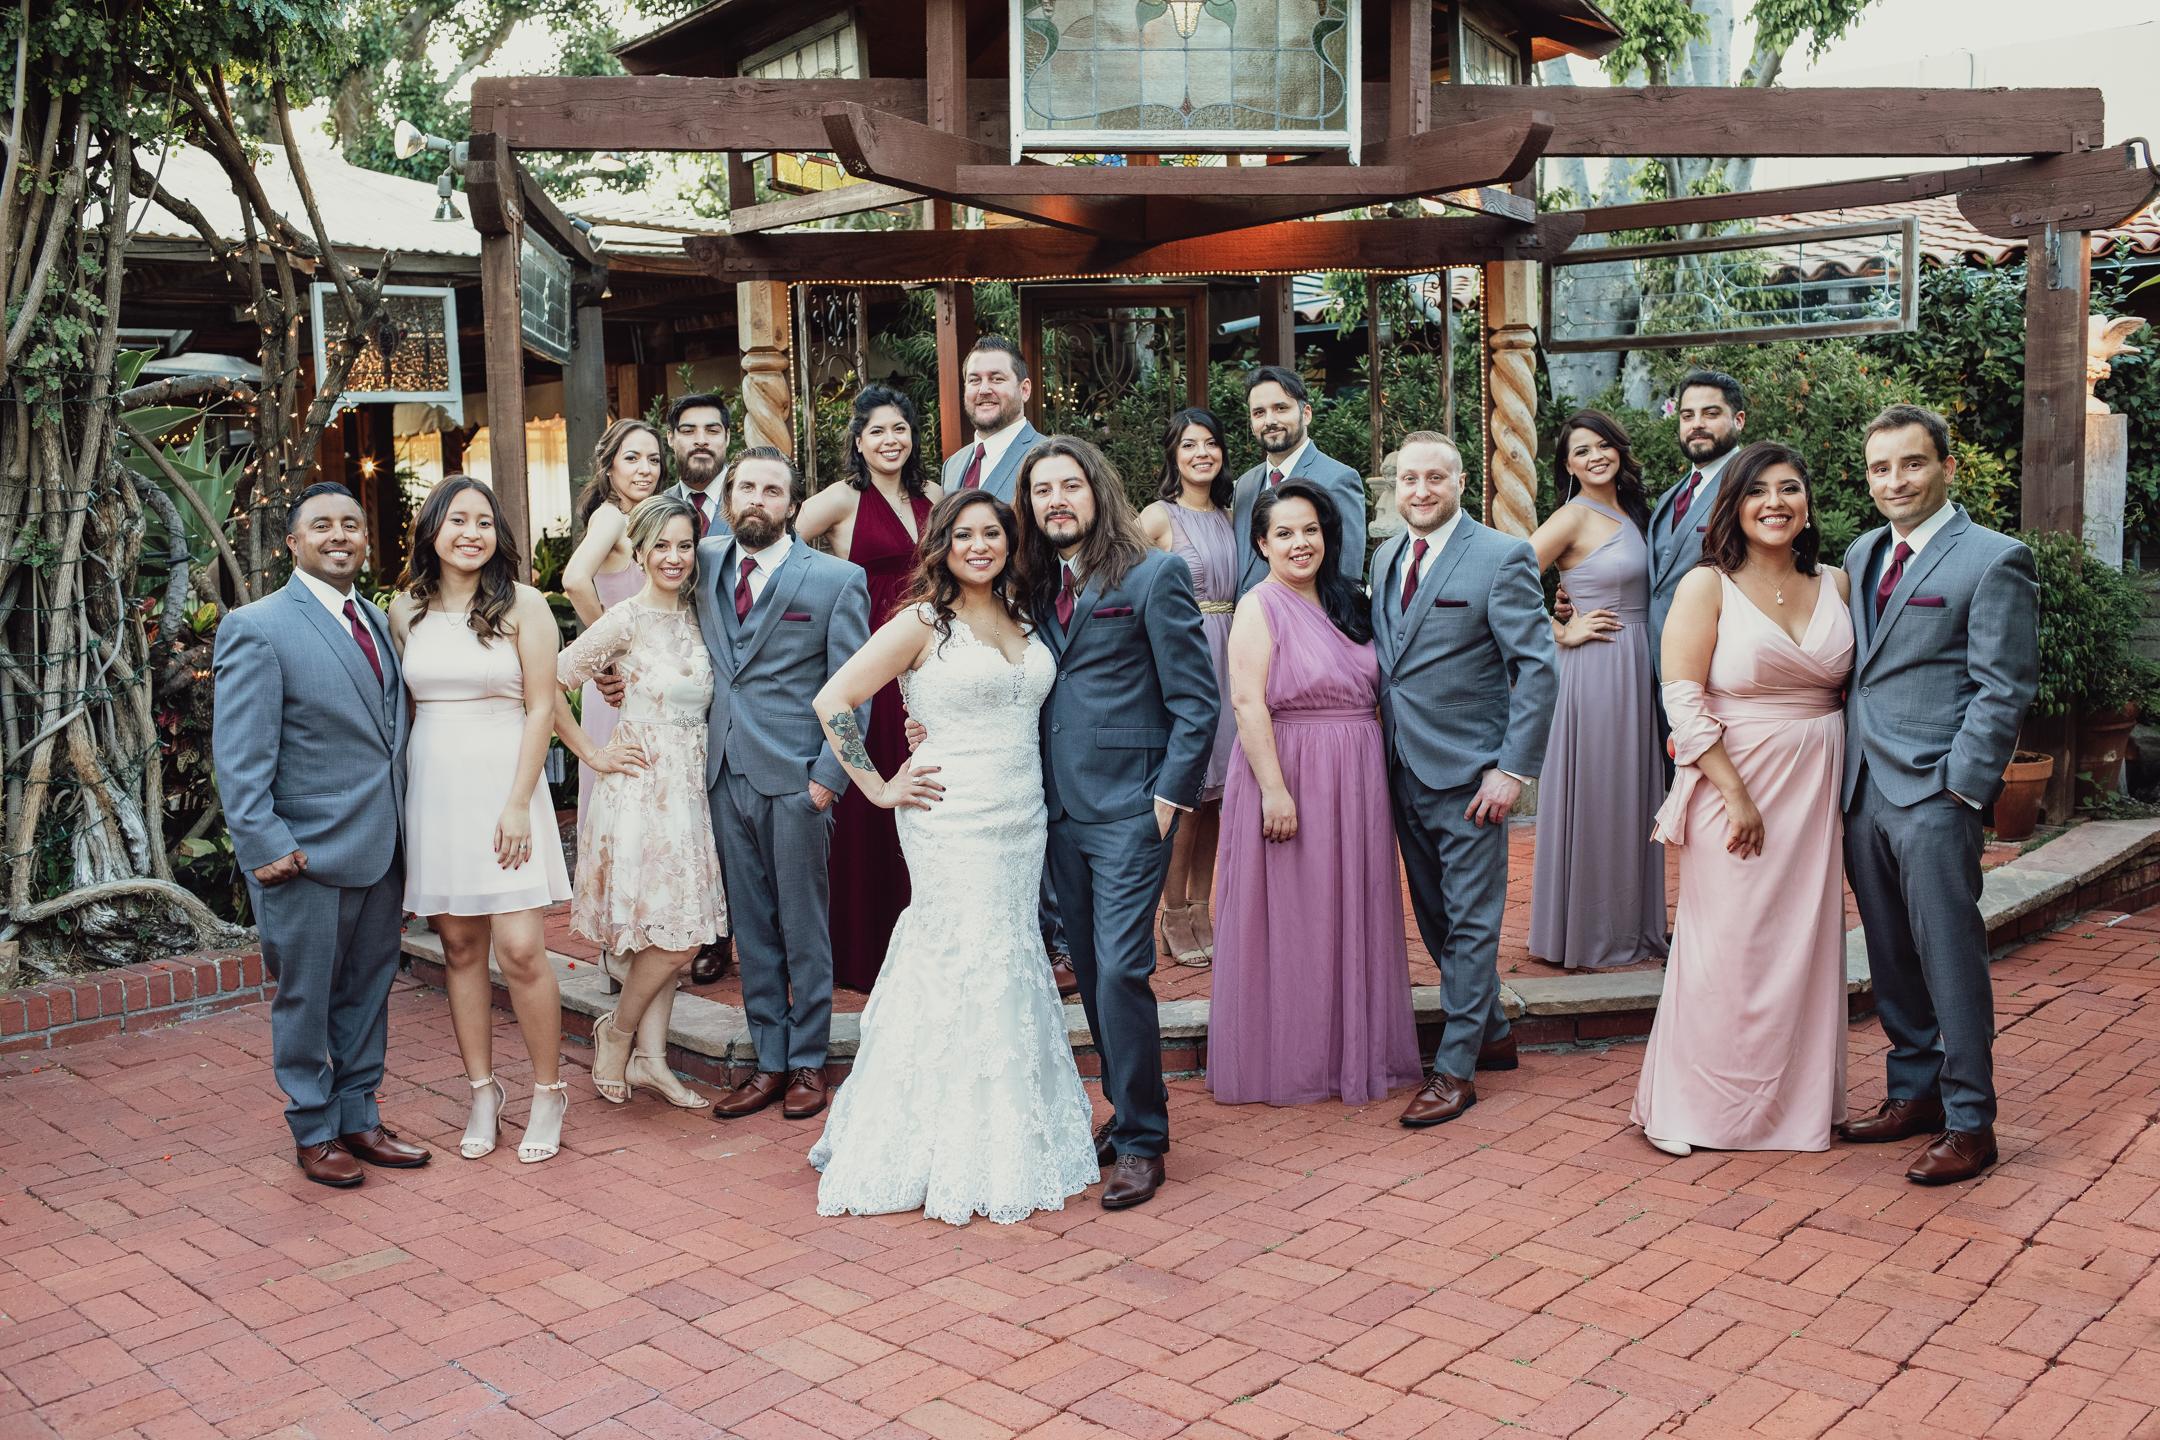 2018.04.27 Walde & Julia Wedding Preivew-40